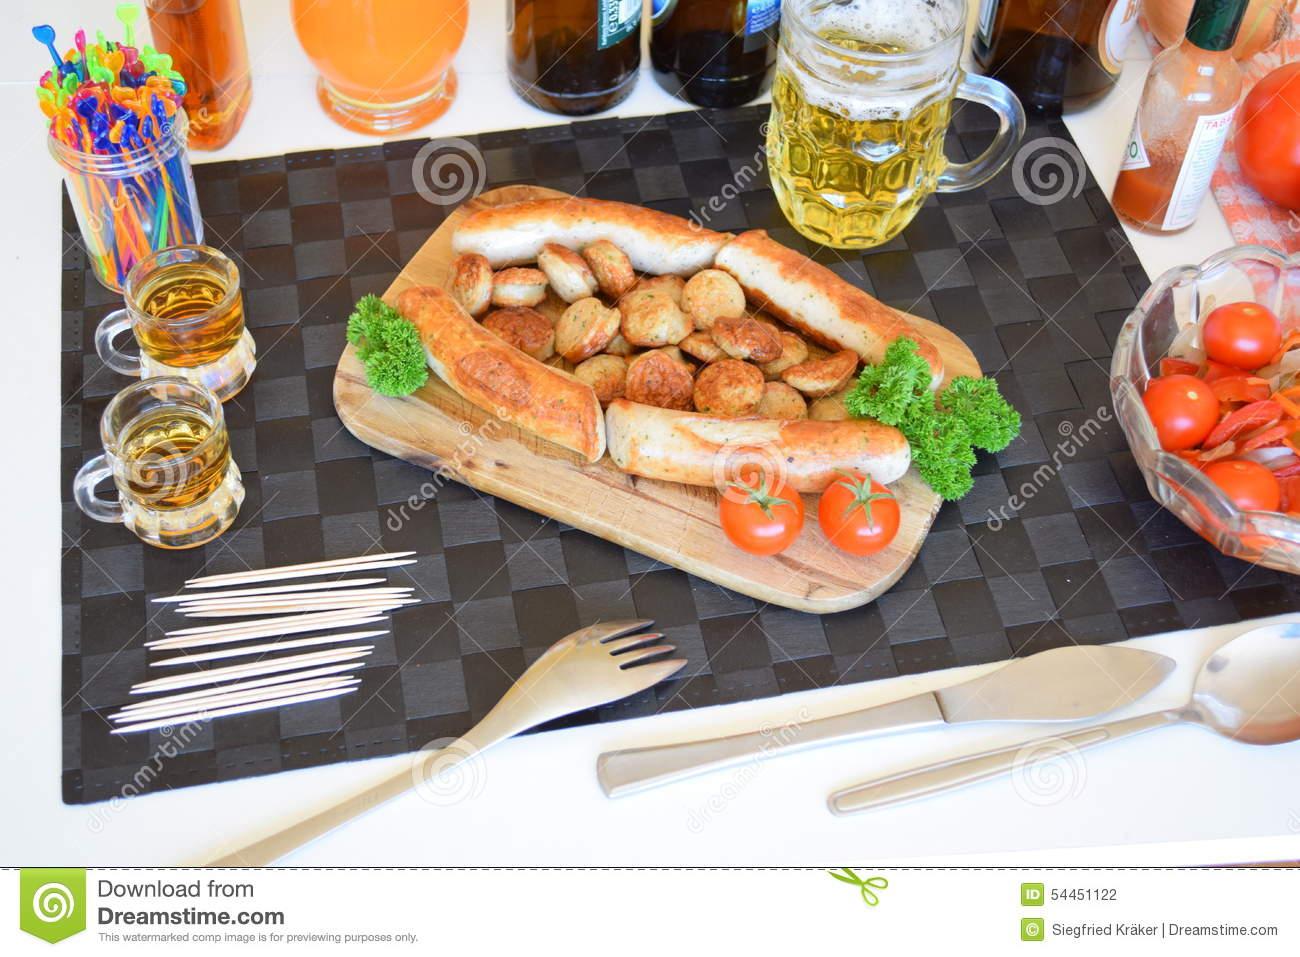 Bavarian dinner clipart #15